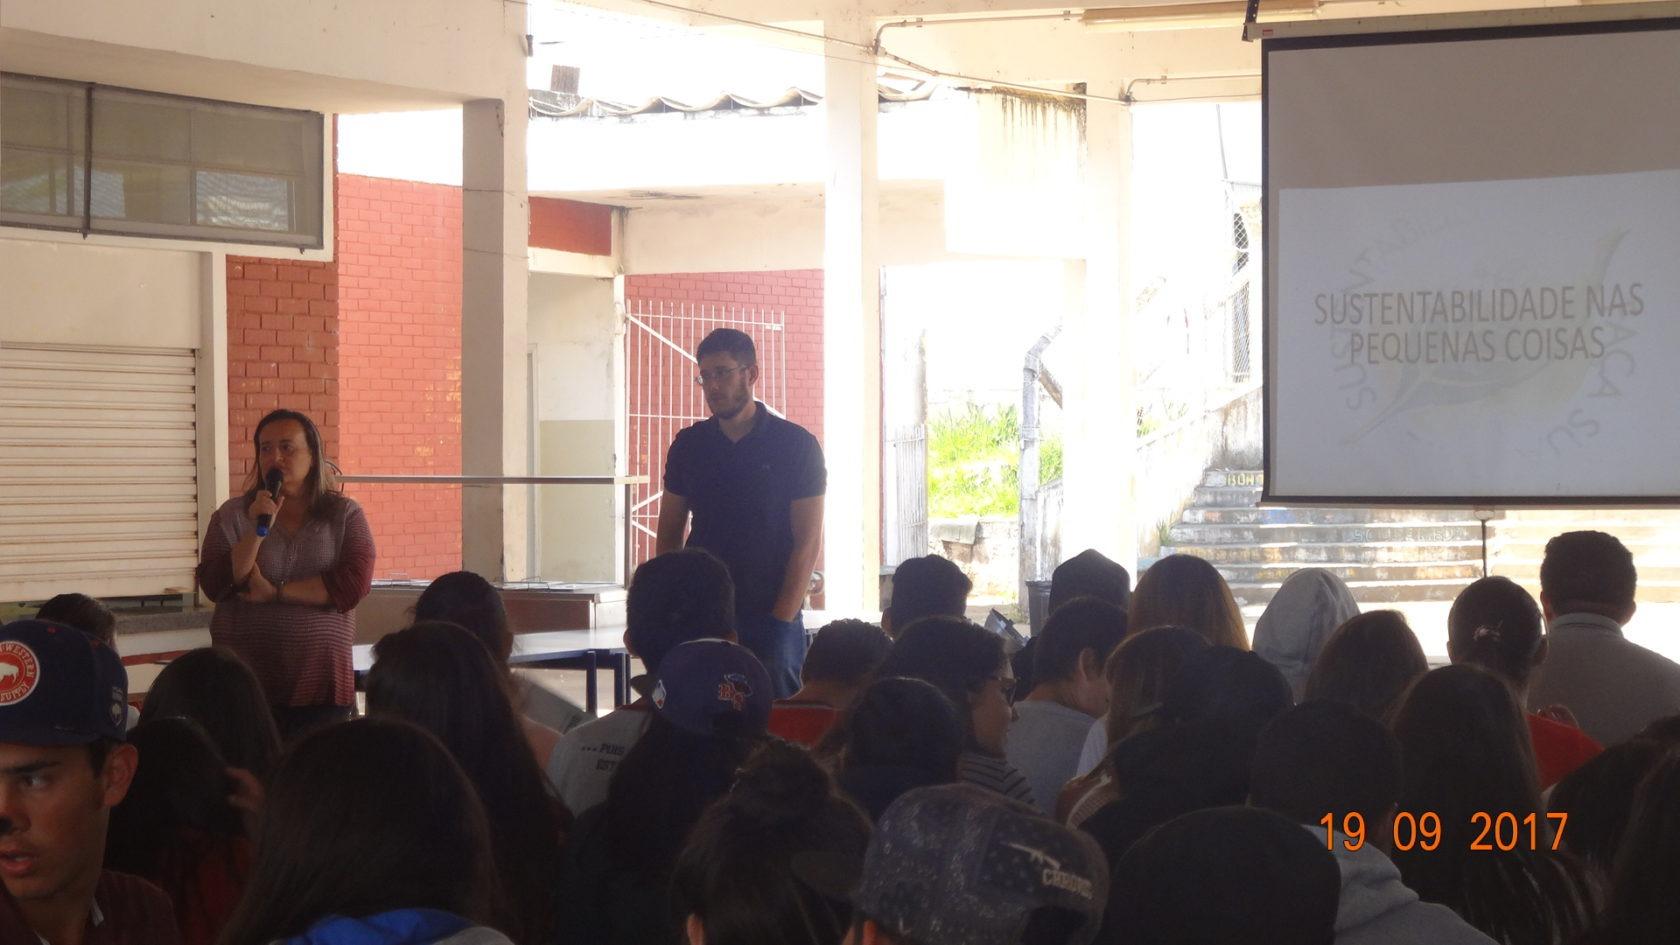 Coordenadoria de Meio Ambiente de Itararé (SP) realiza palestra sobre sustentabilidade